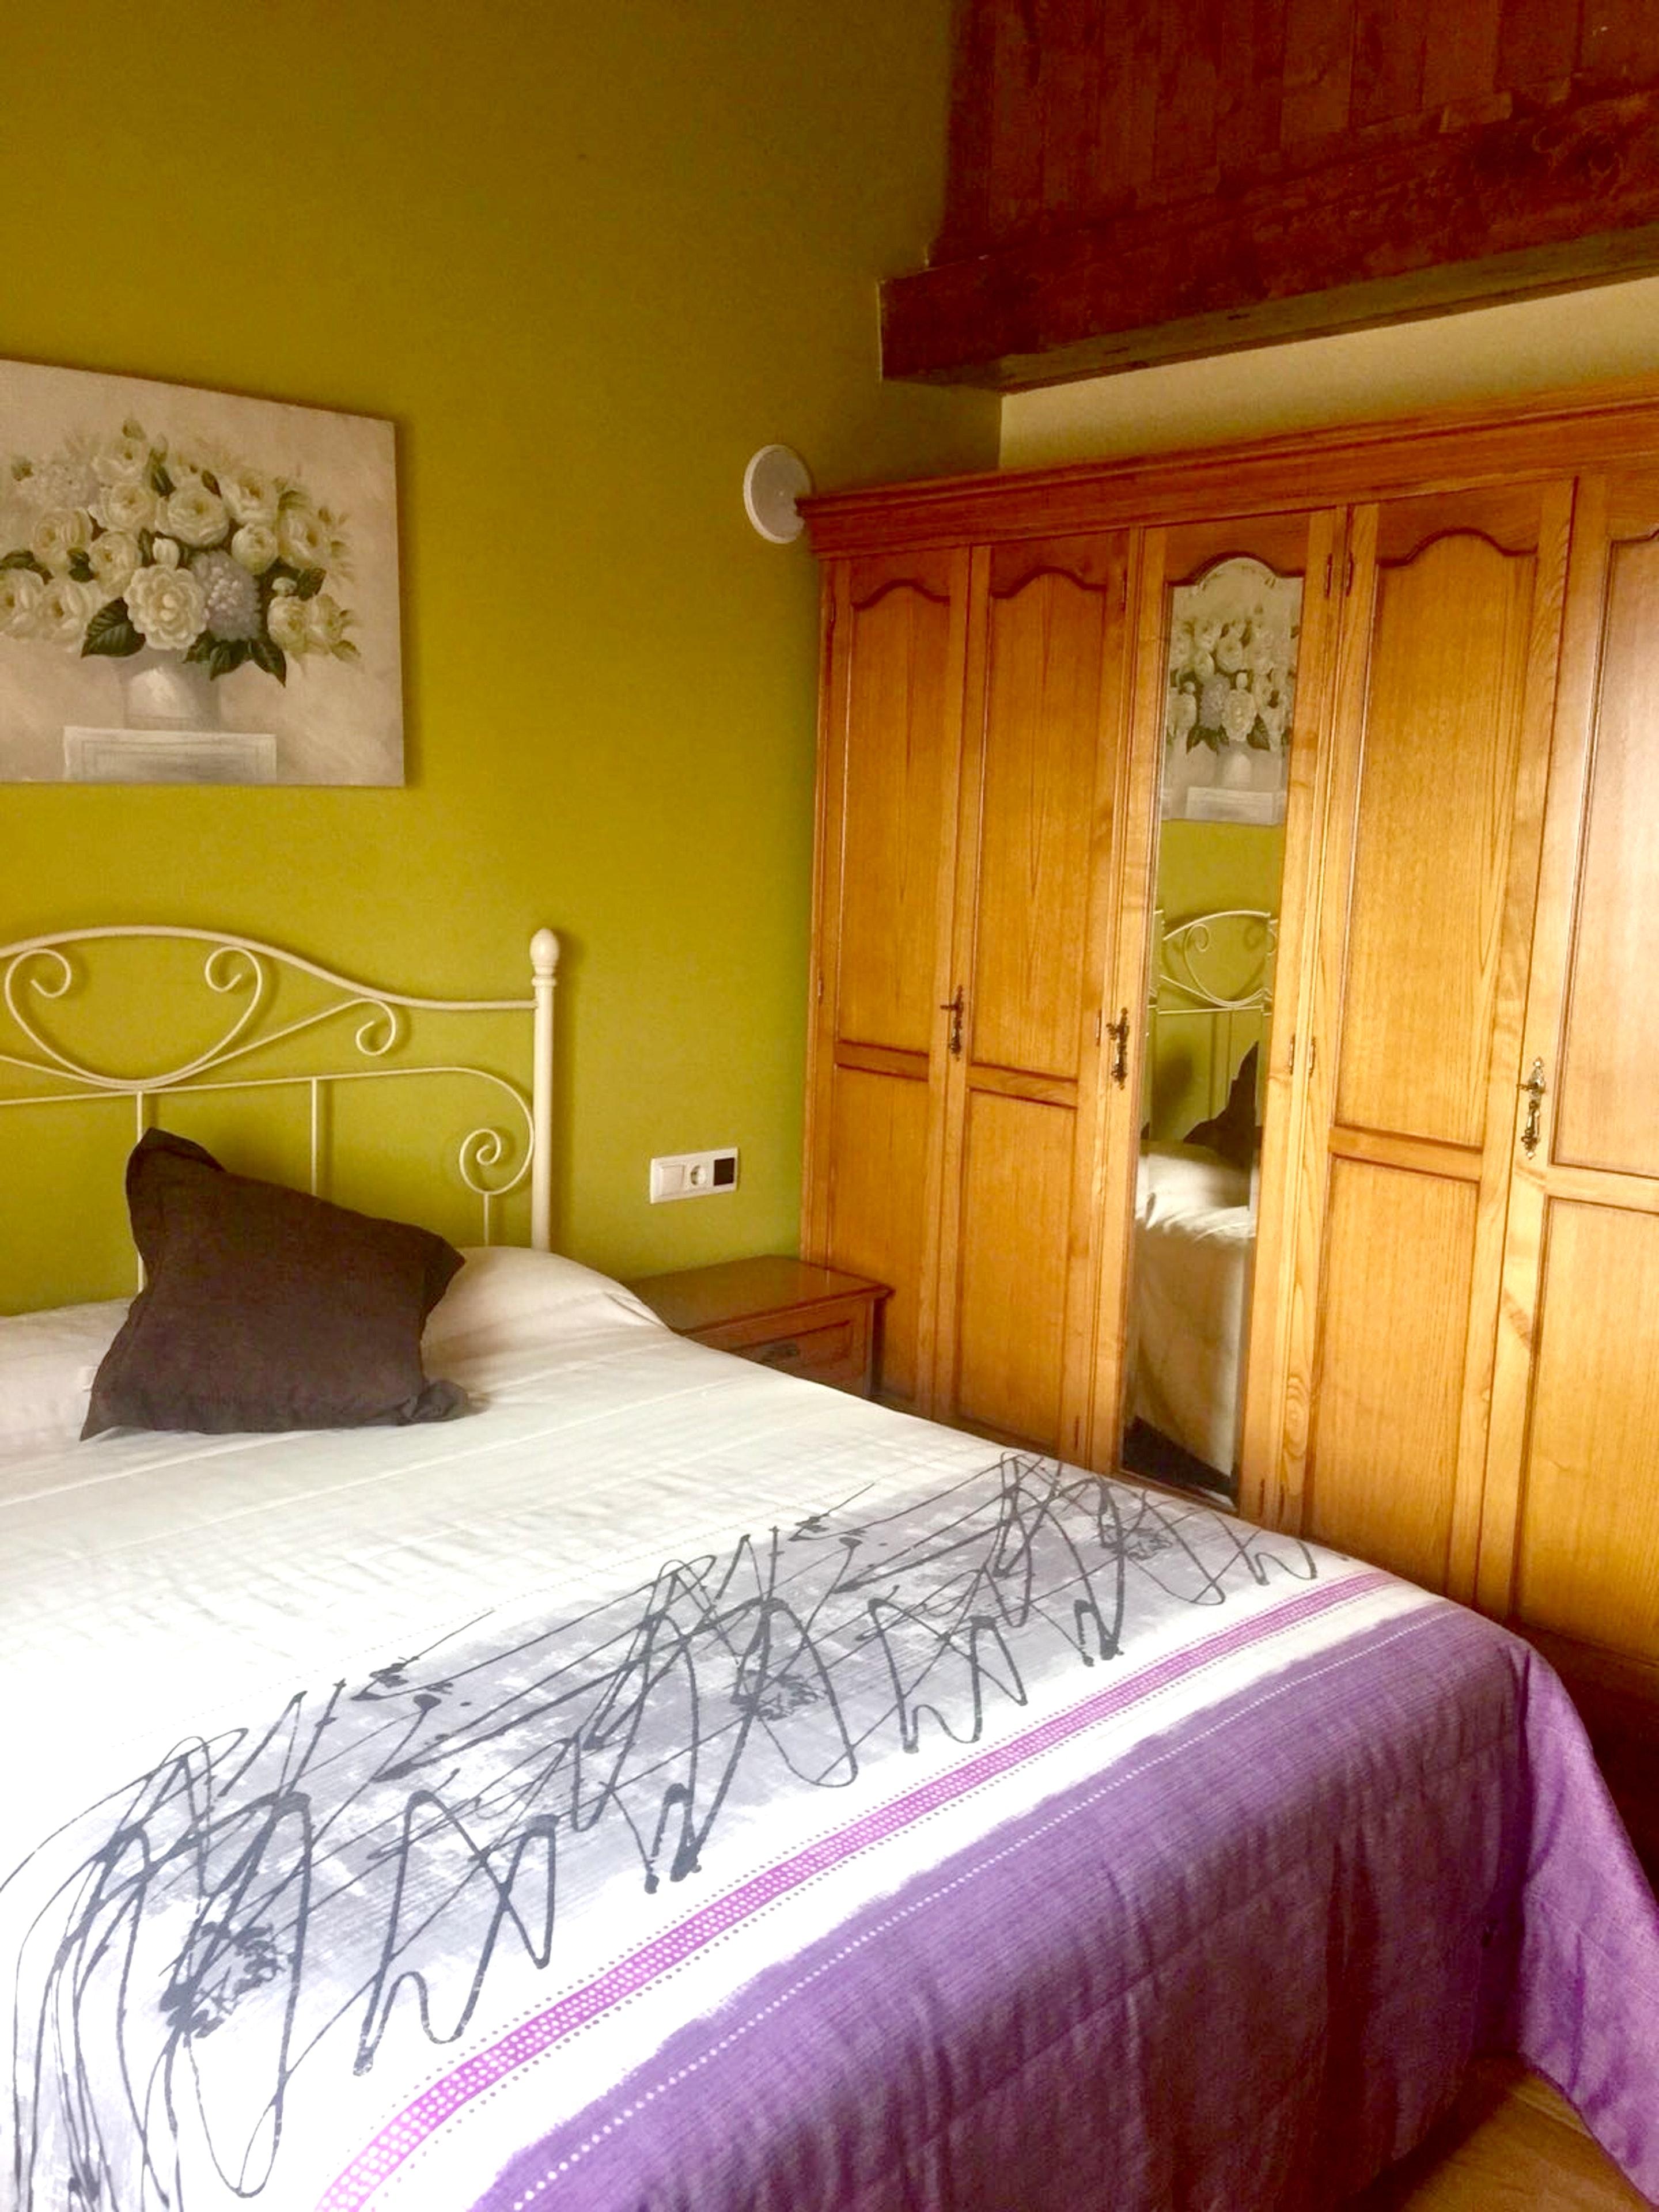 Ferienhaus Haus mit 3 Schlafzimmern in Arellano mit toller Aussicht auf die Berge und möblierter Terr (2420299), Arellano, , Navarra, Spanien, Bild 9